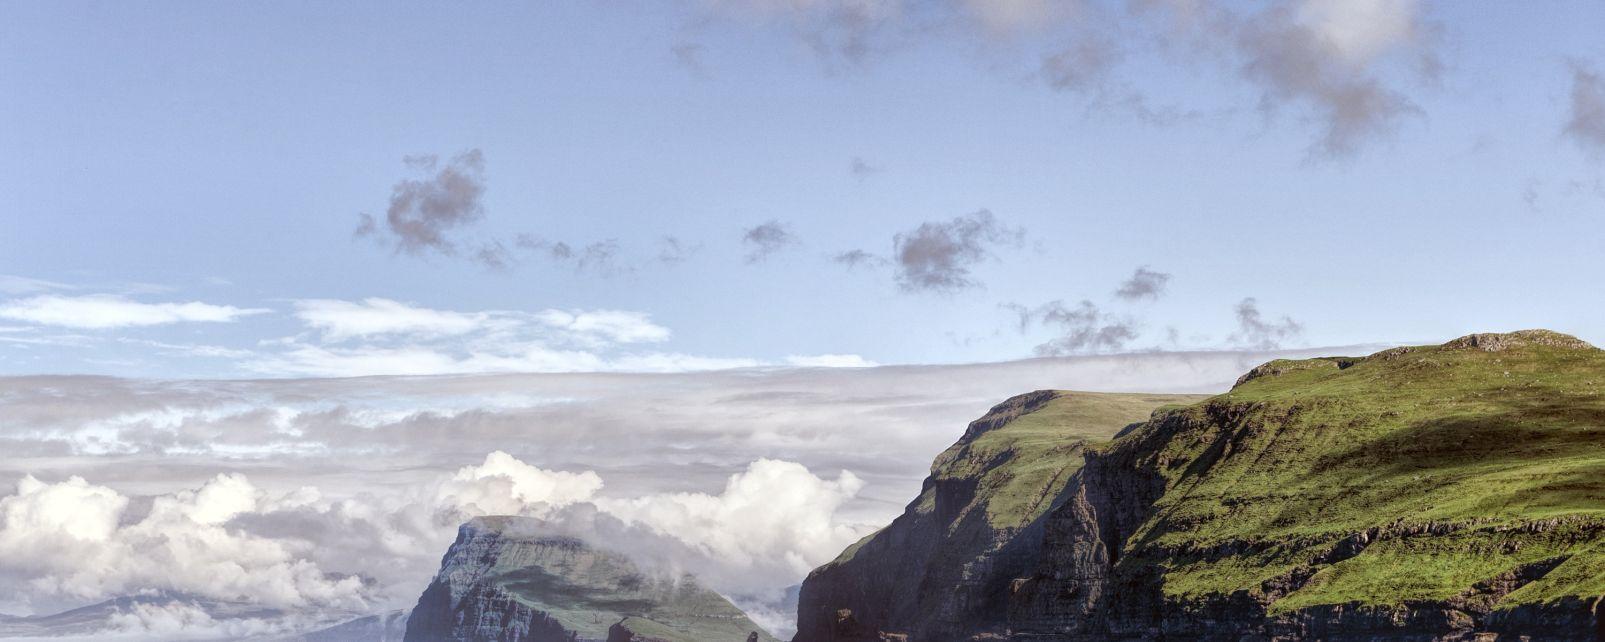 Les paysages, Hestur, Koltur, danemark, ile, île, europe, atlantique, mer